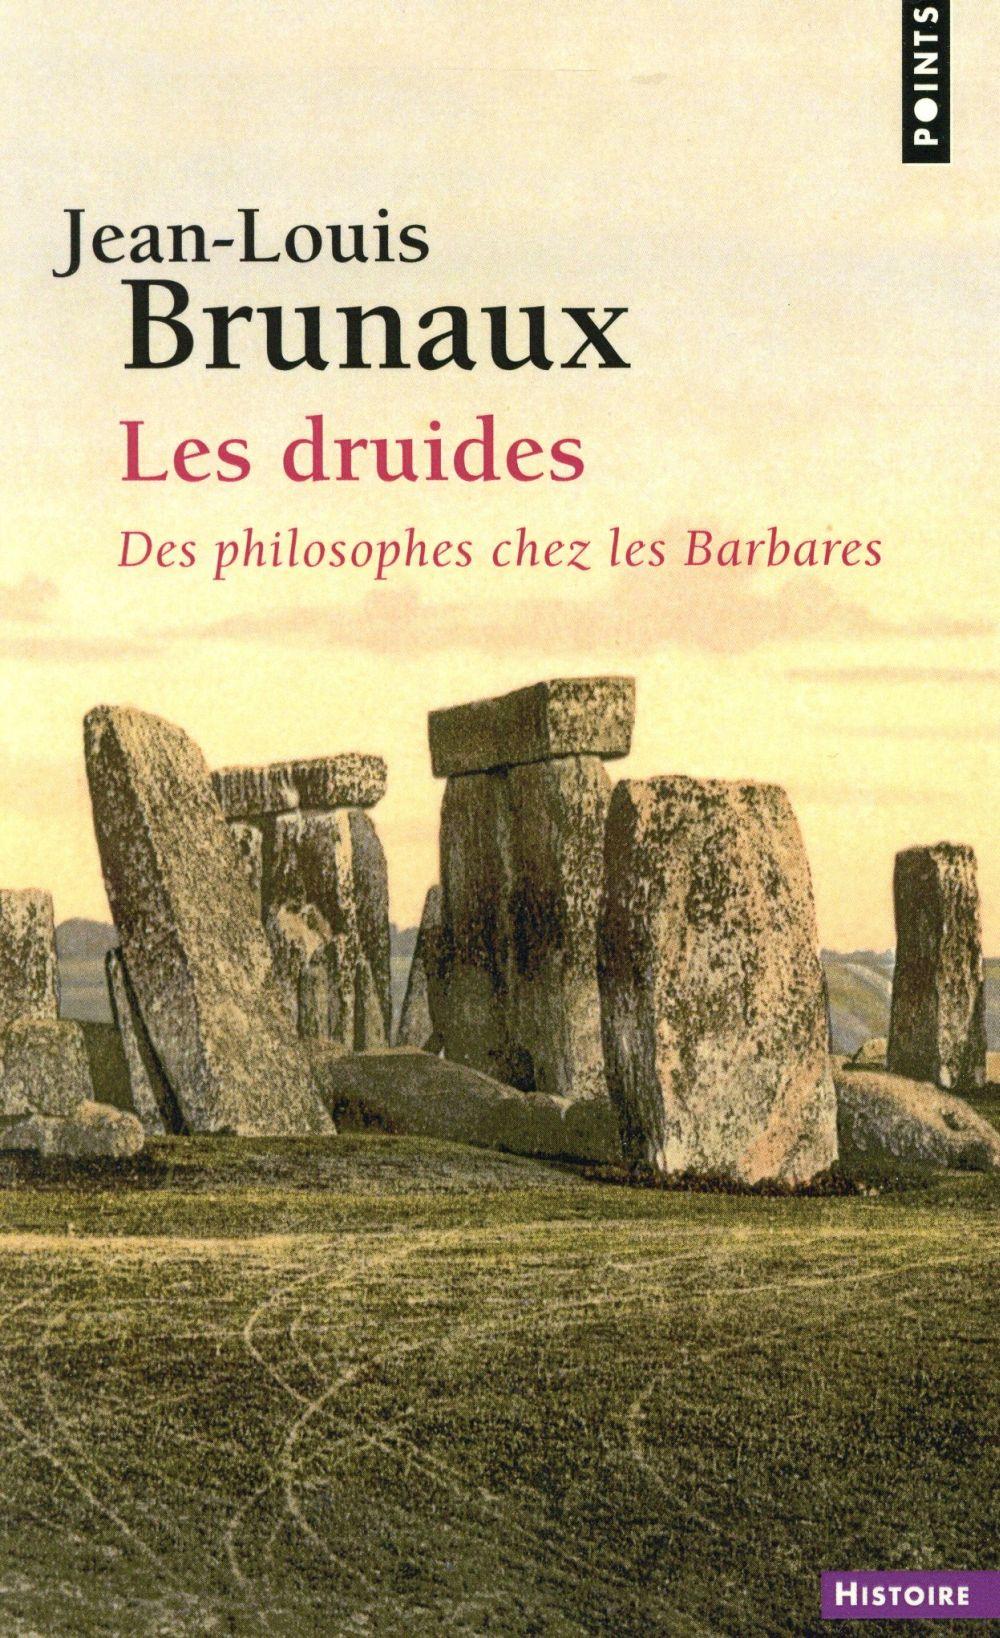 Les druides ; des philosophes chez les barbares